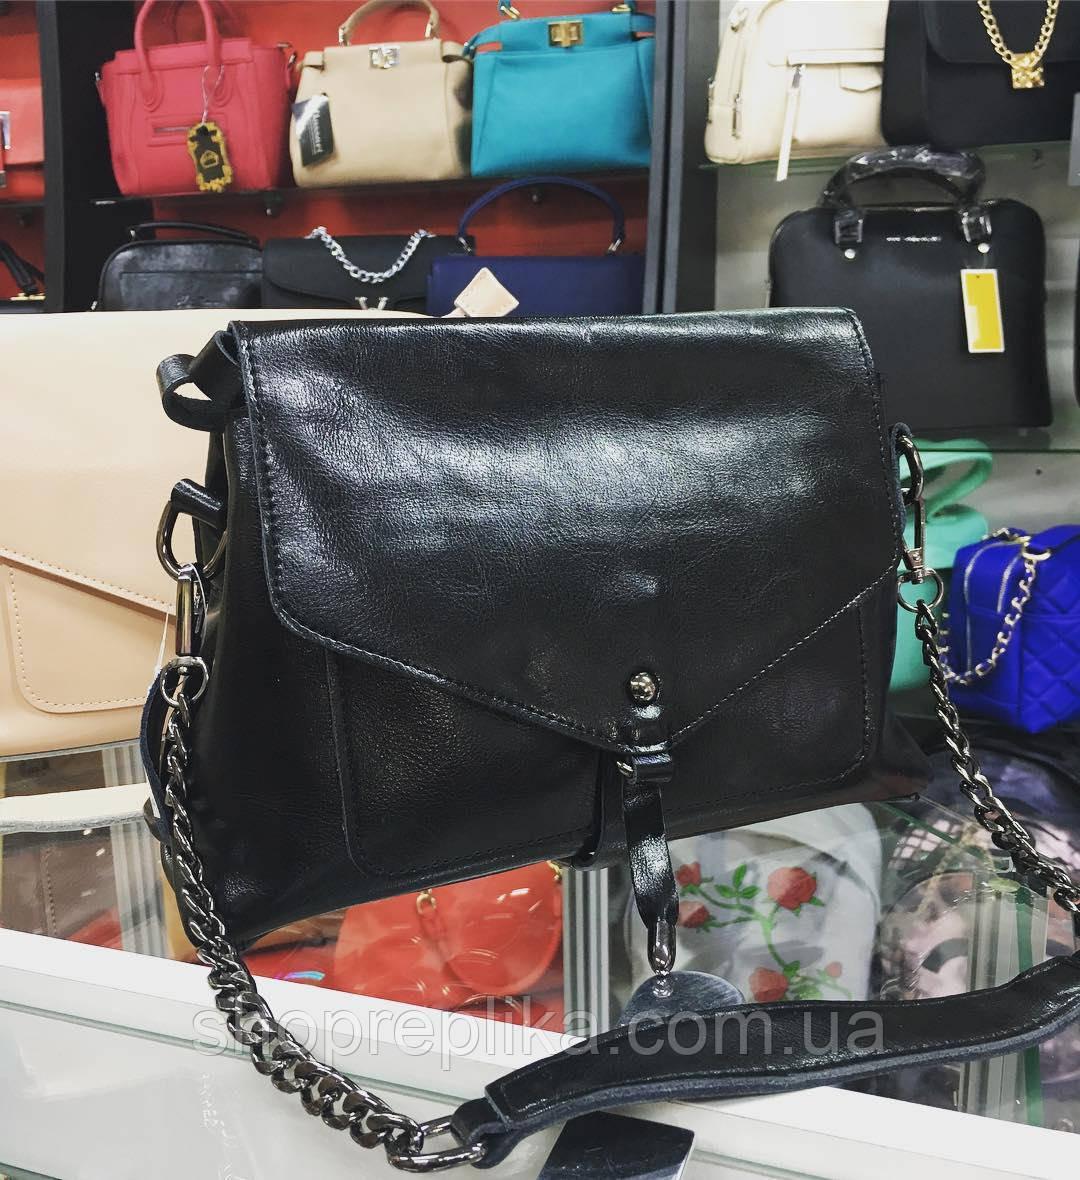 5ab694d02e27 Копия Сумка натуральная кожа , кожаные сумки оптом Украина кроссбоди оптом